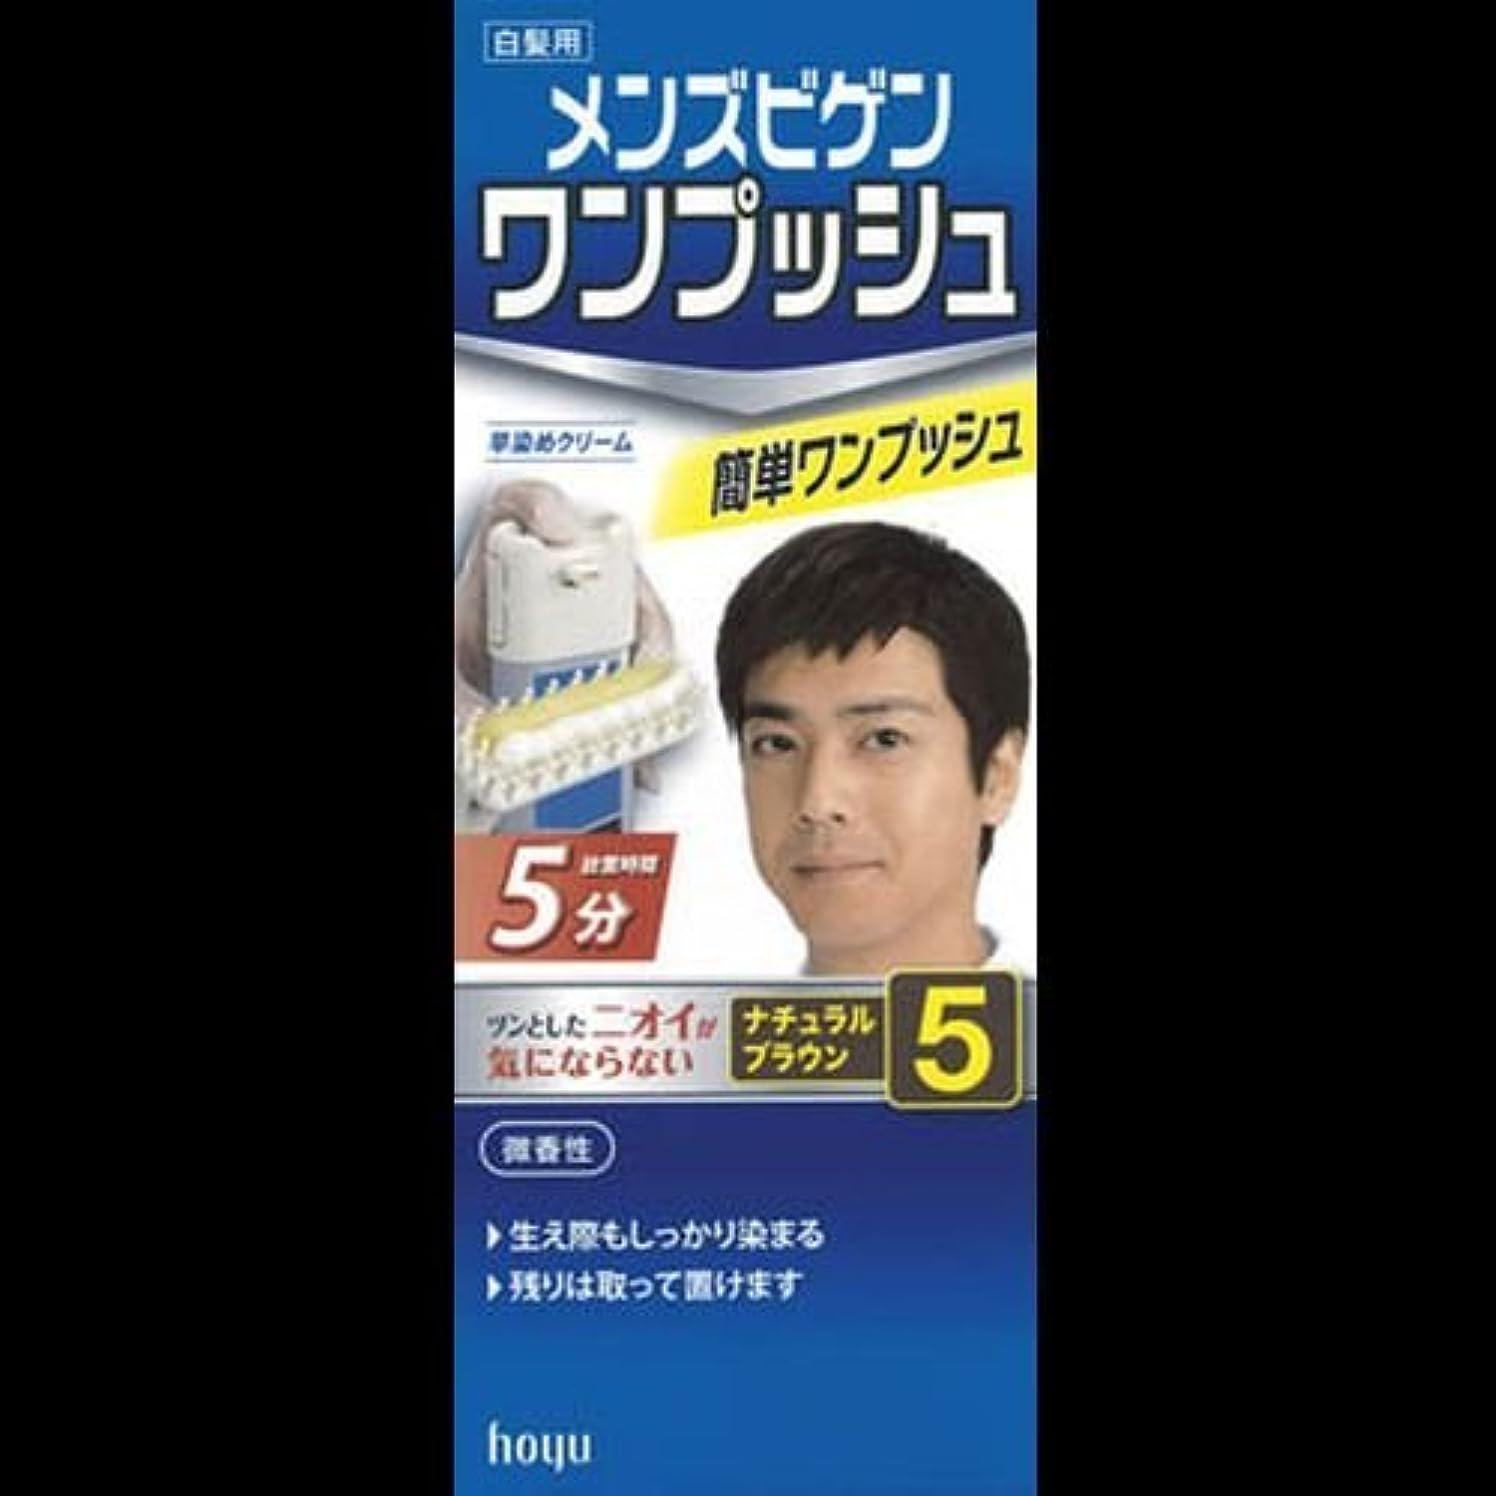 温帯刺繍プラスメンズビゲン ワンプッシュ ナチュラルブラウン 5(40g+40g) ×2セット